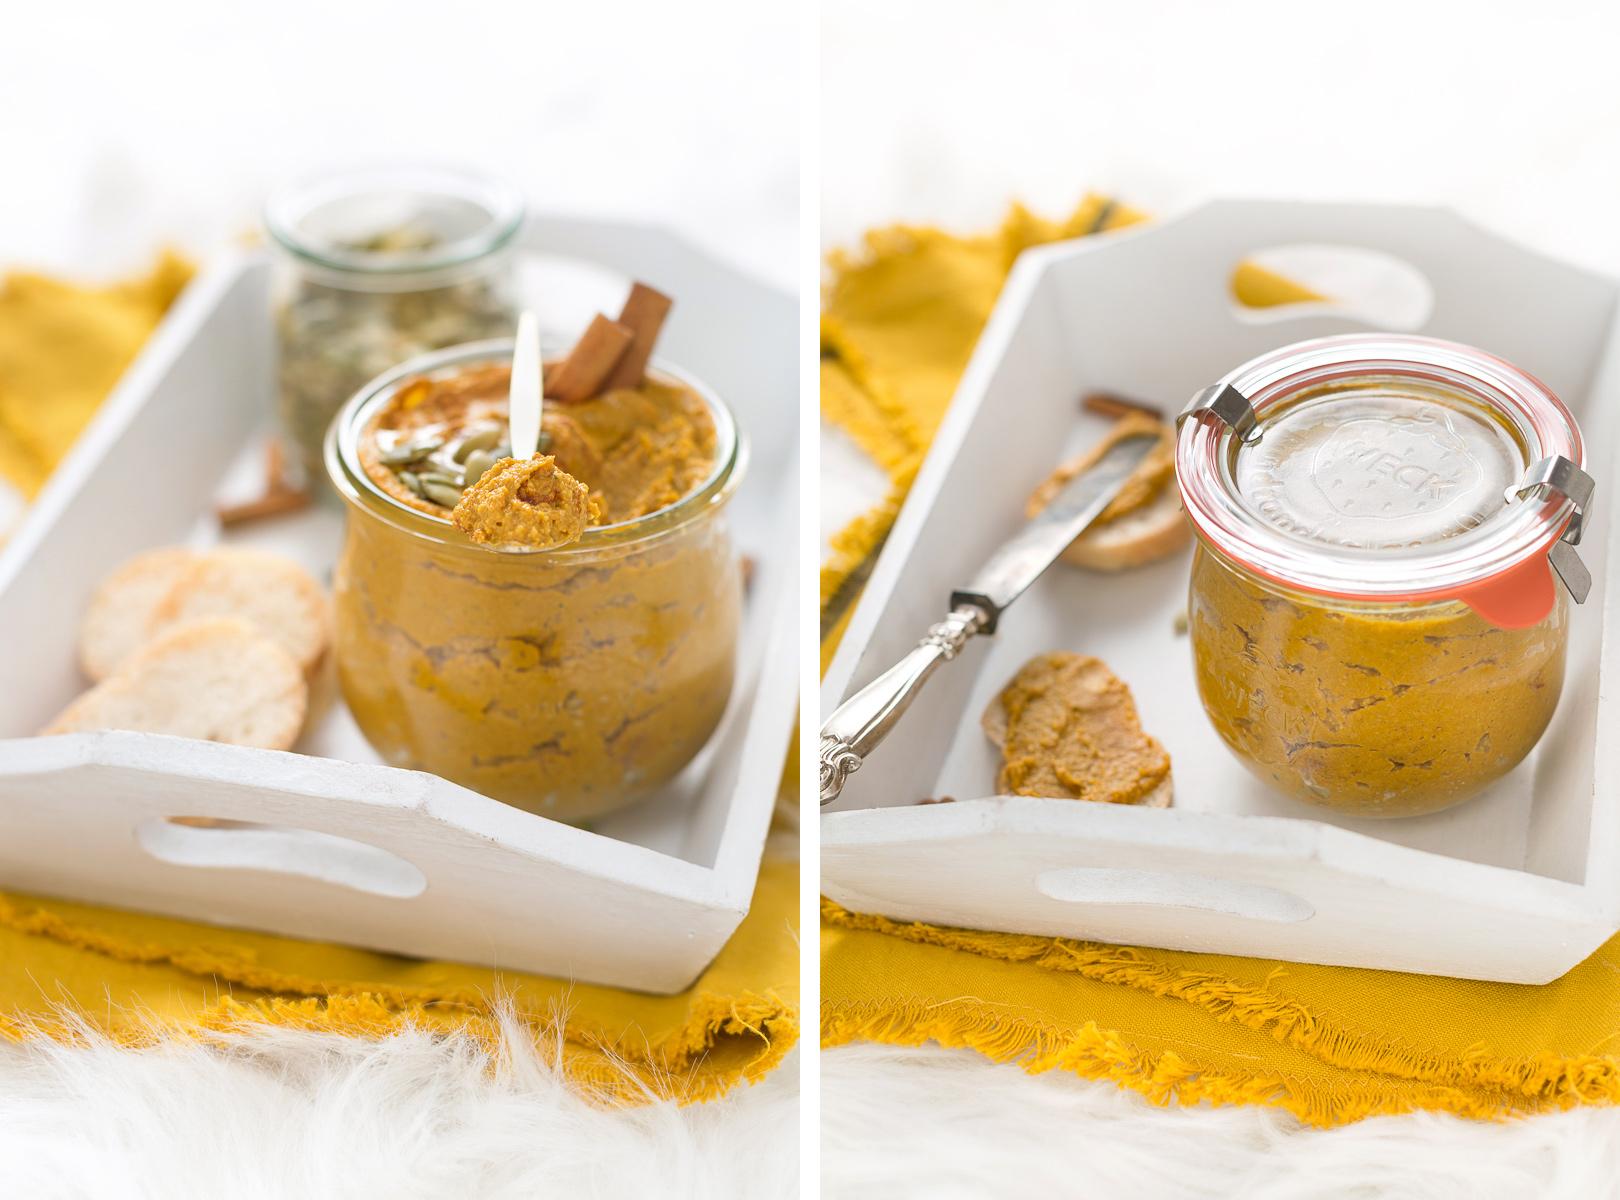 pumpkin cinnamon butter recipe - burro di zucca semi di zucca e cannella vegan senza zucchero light